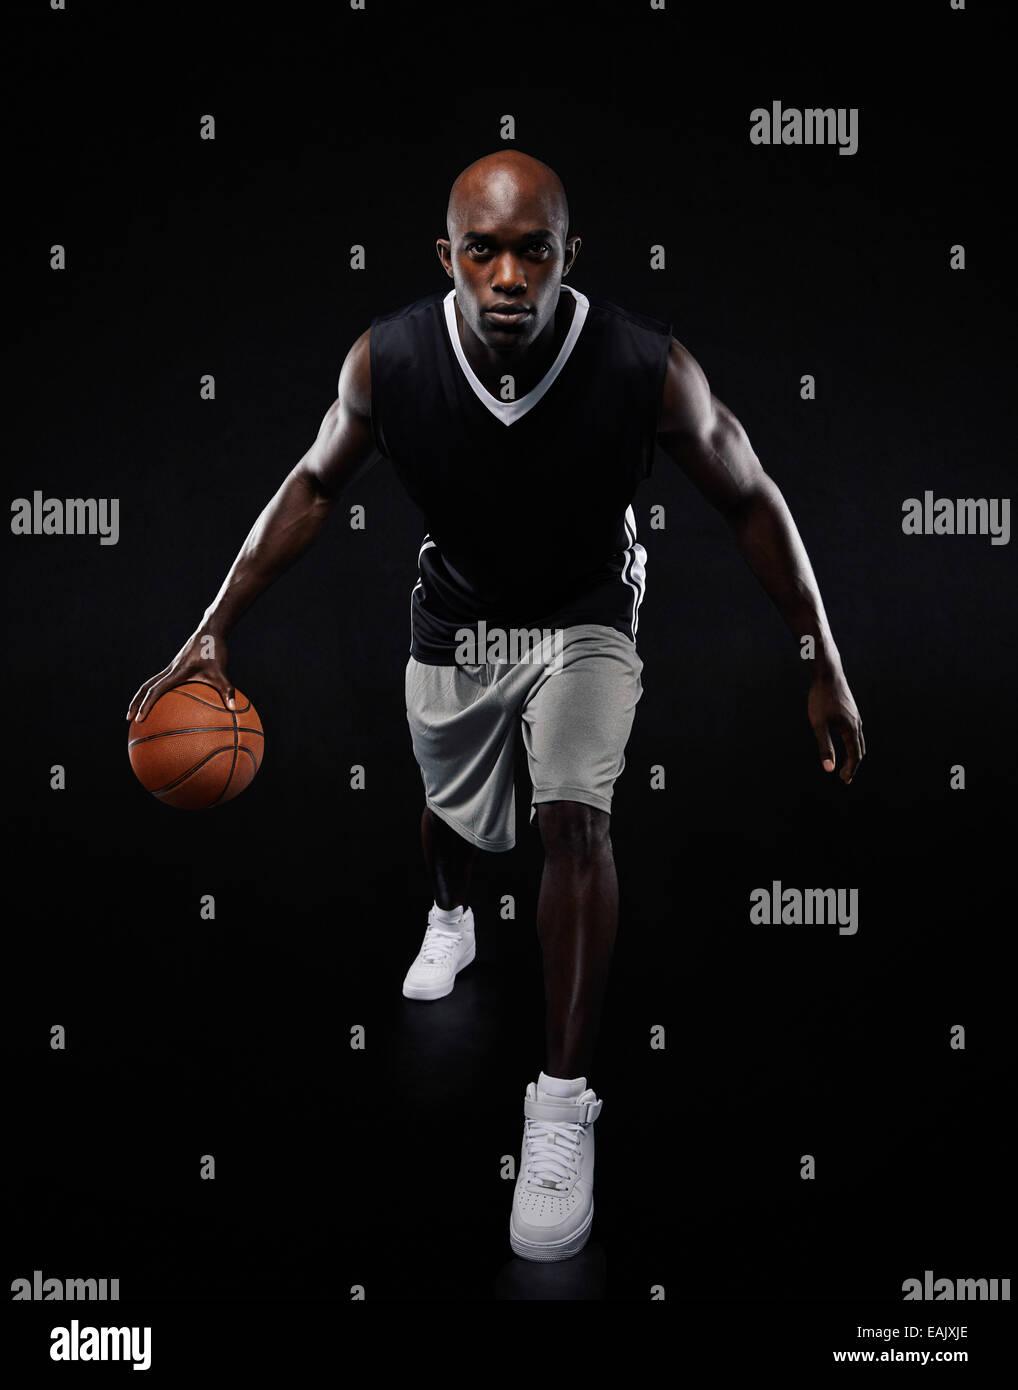 Longitud total retrato de joven jugador de baloncesto jugando sobre fondo negro. Colocar atleta masculino africano Imagen De Stock